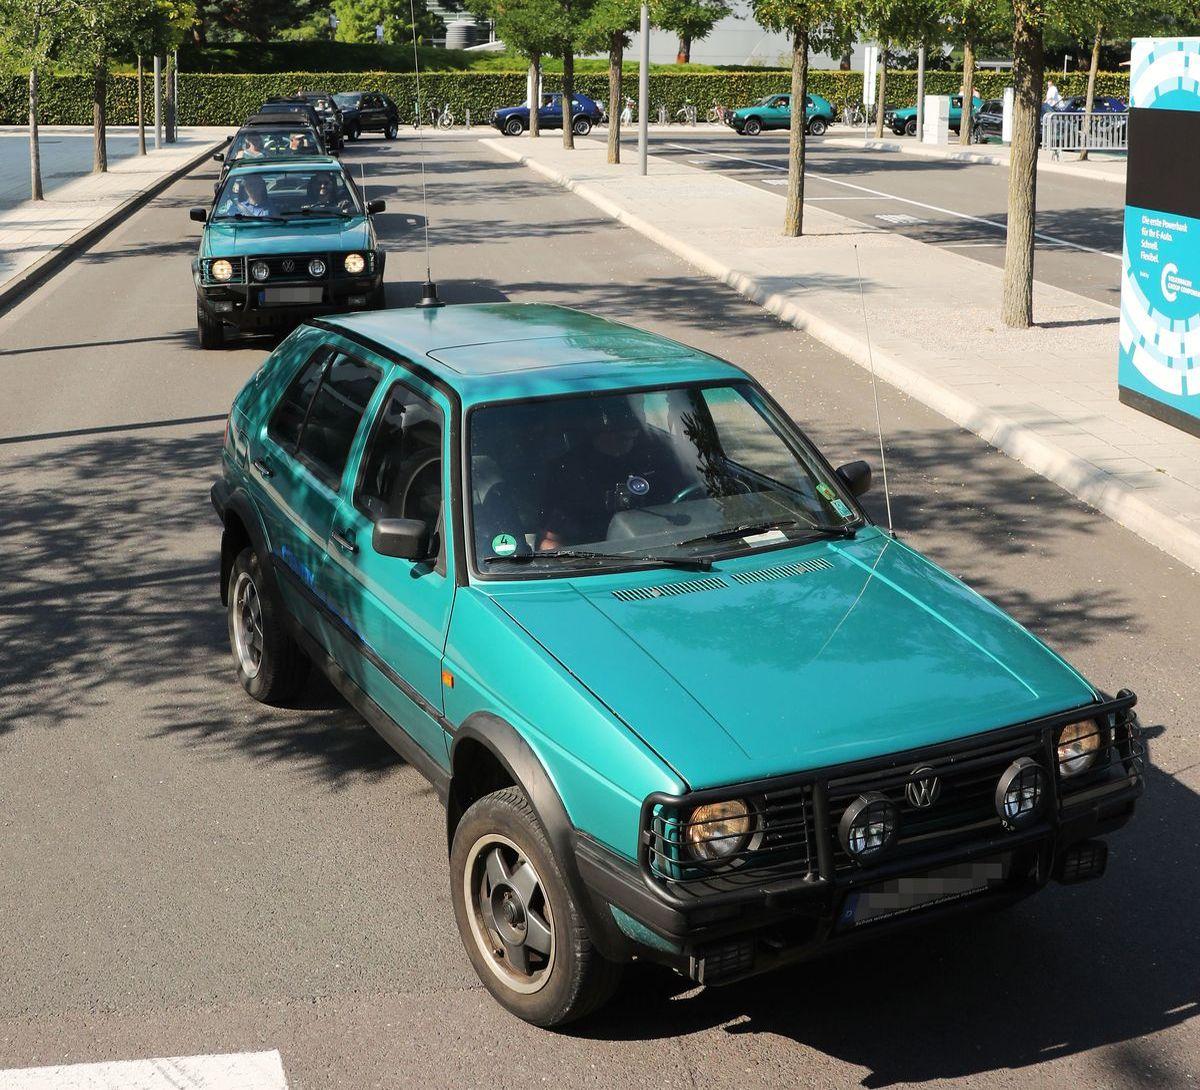 VW-Golf-Country-Treffen in der Autostadt